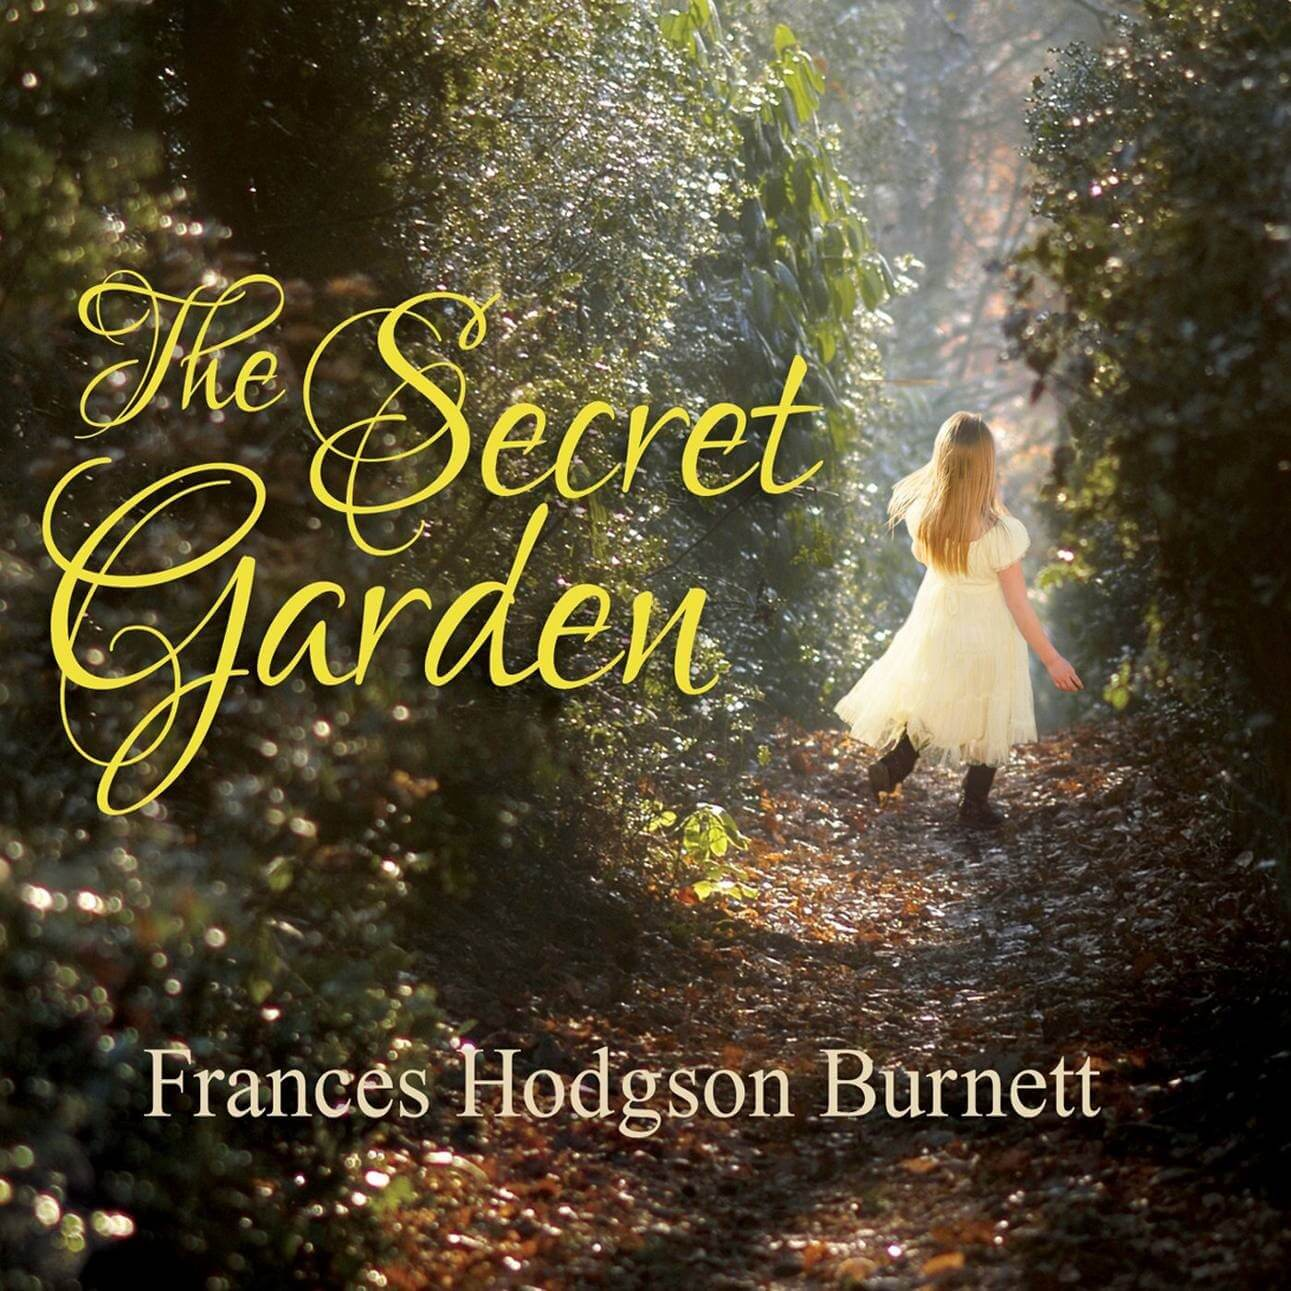 Review of The Secret Garden Frances Hodgson Burnett